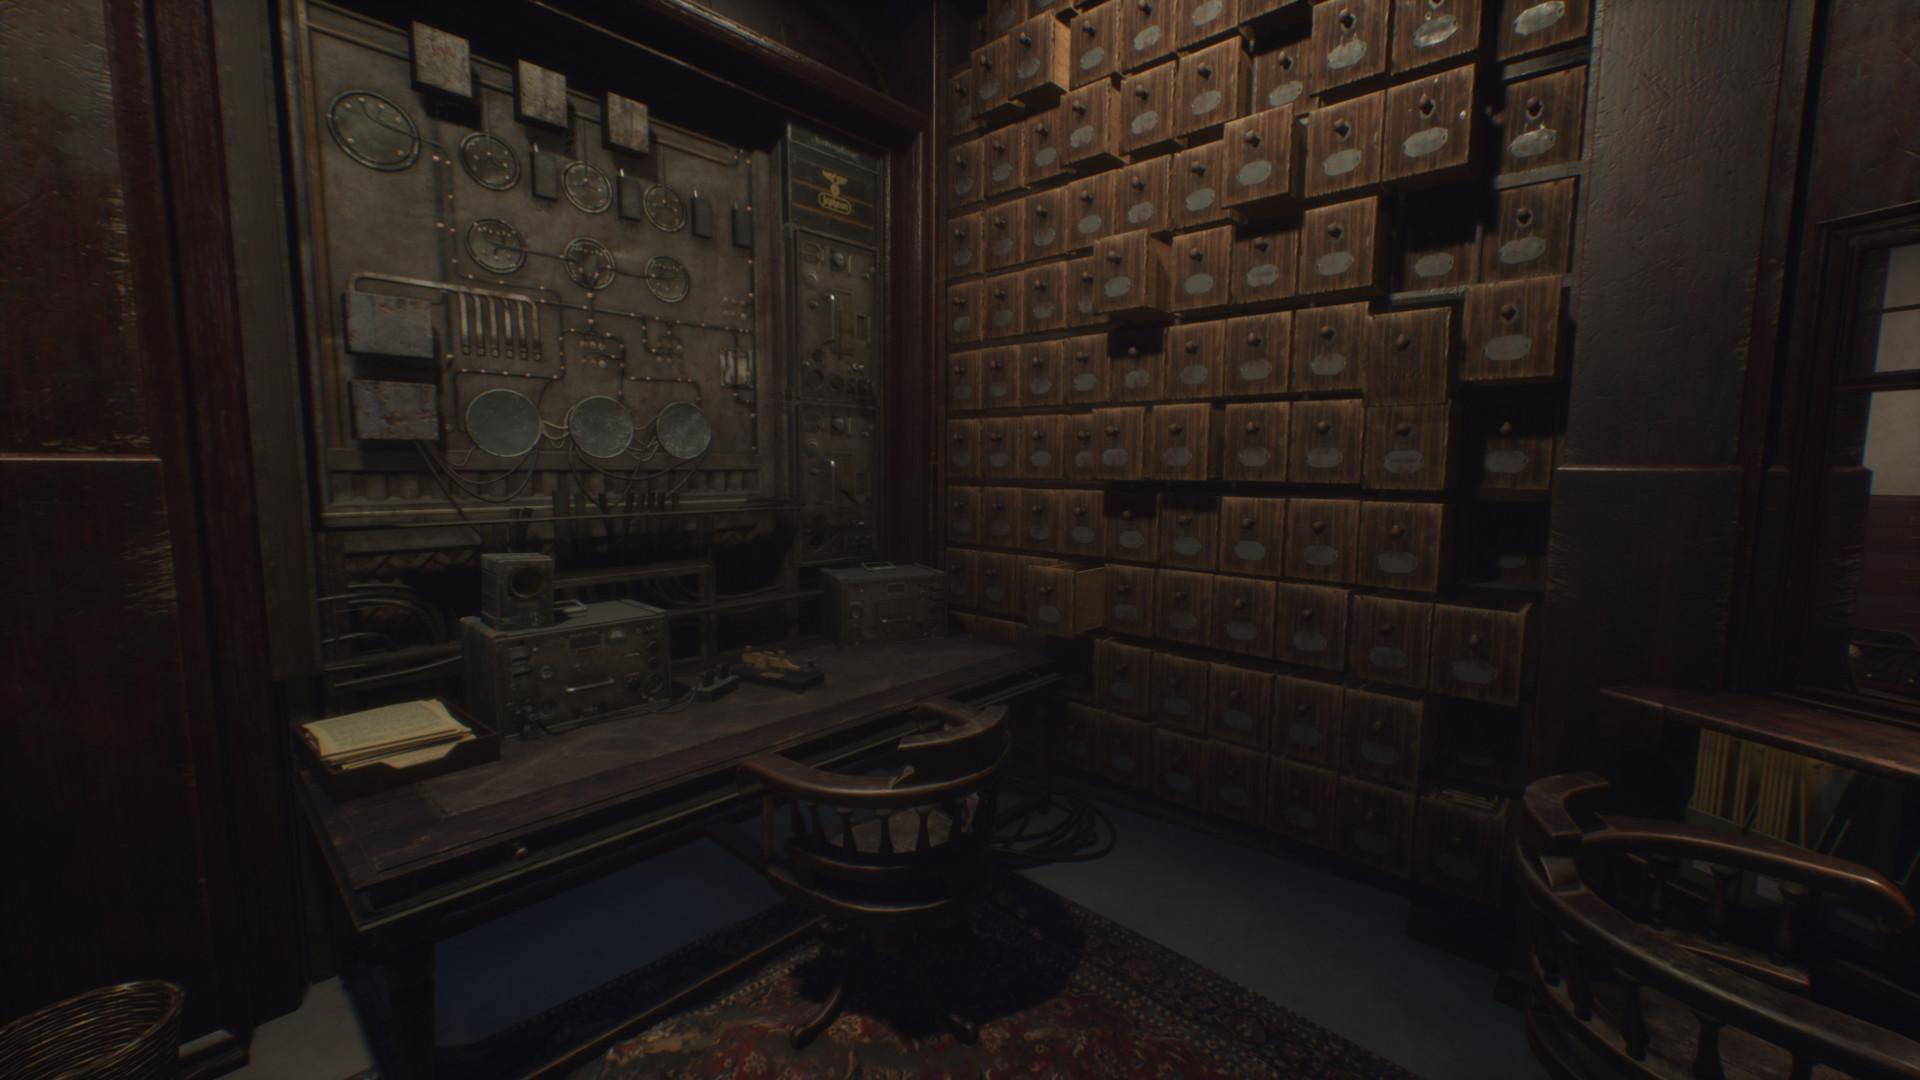 未来游戏展:假想历史冒险游戏《失乐园》公布新信息